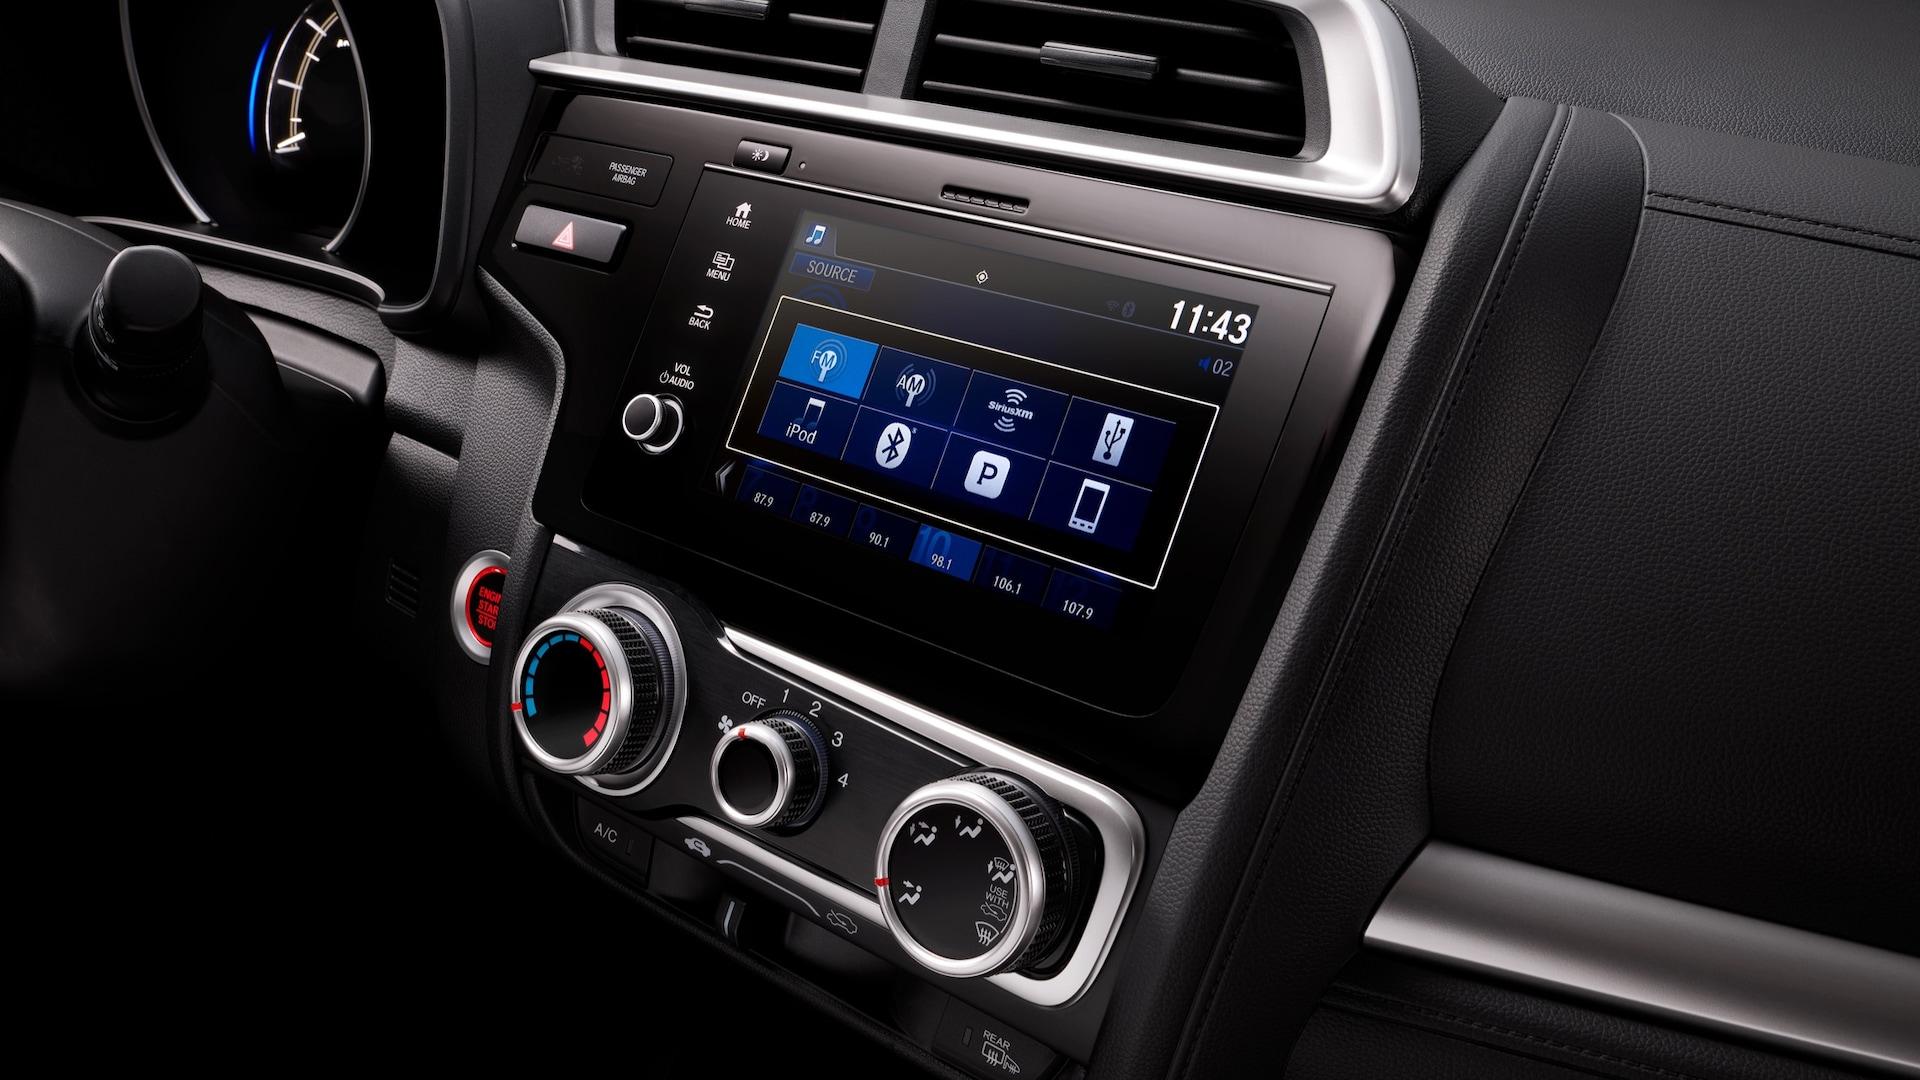 Detalle del sistema de audio en pantalla táctil con la radio en el Honda Fit2020.